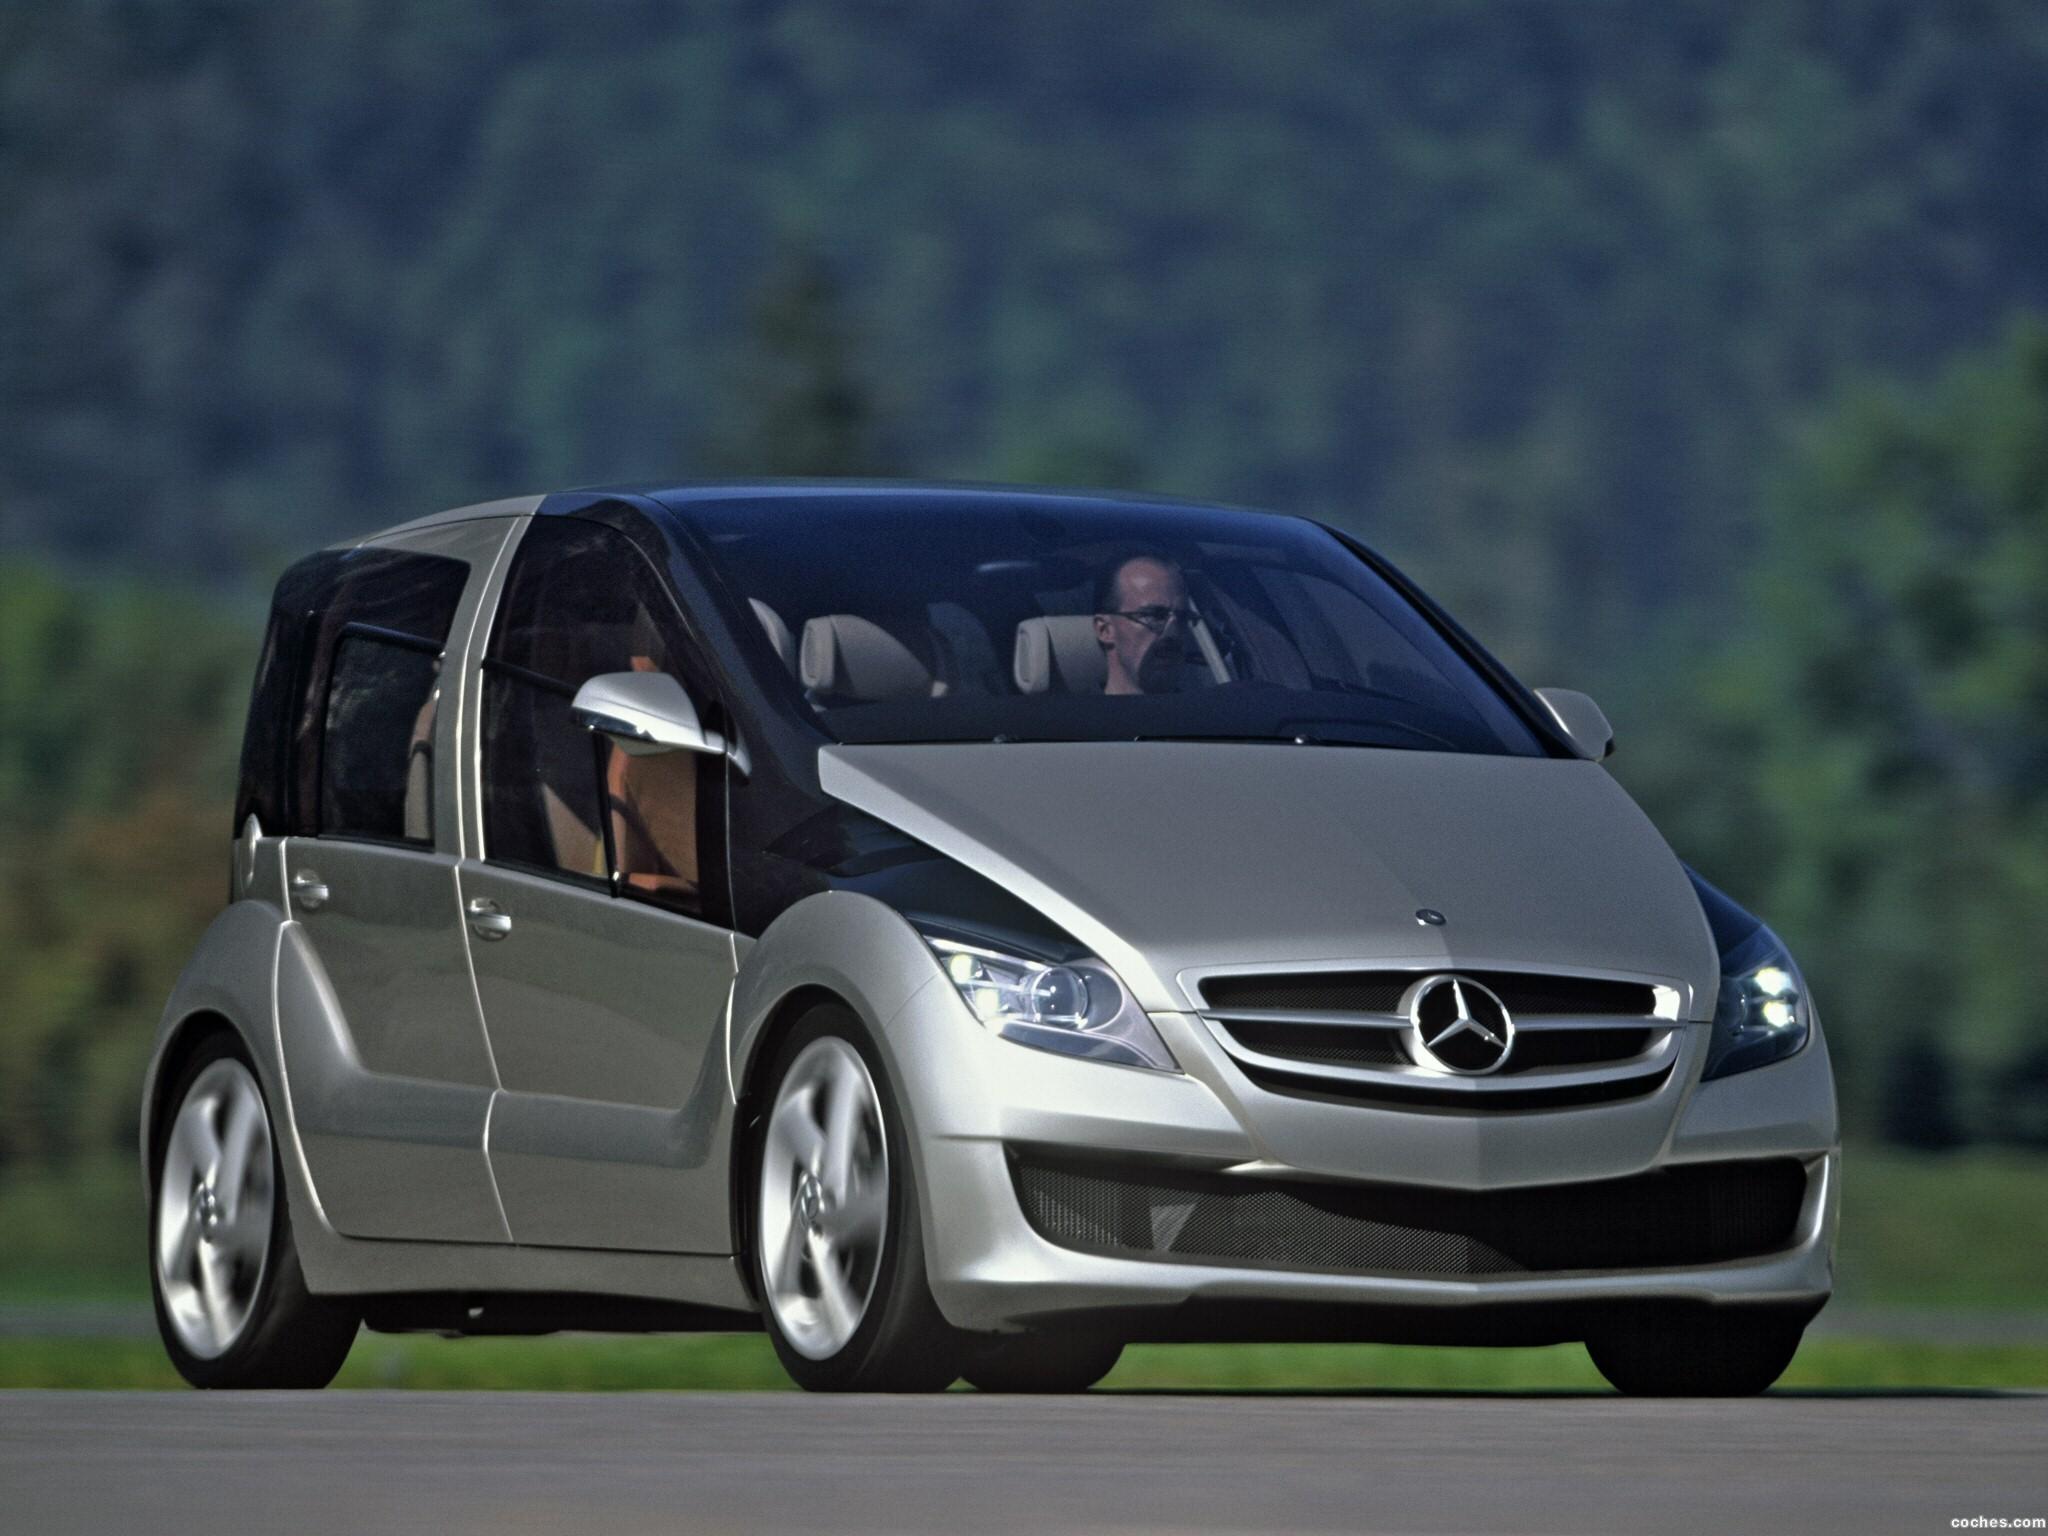 Foto 0 de Mercedes F600 Concept 2005